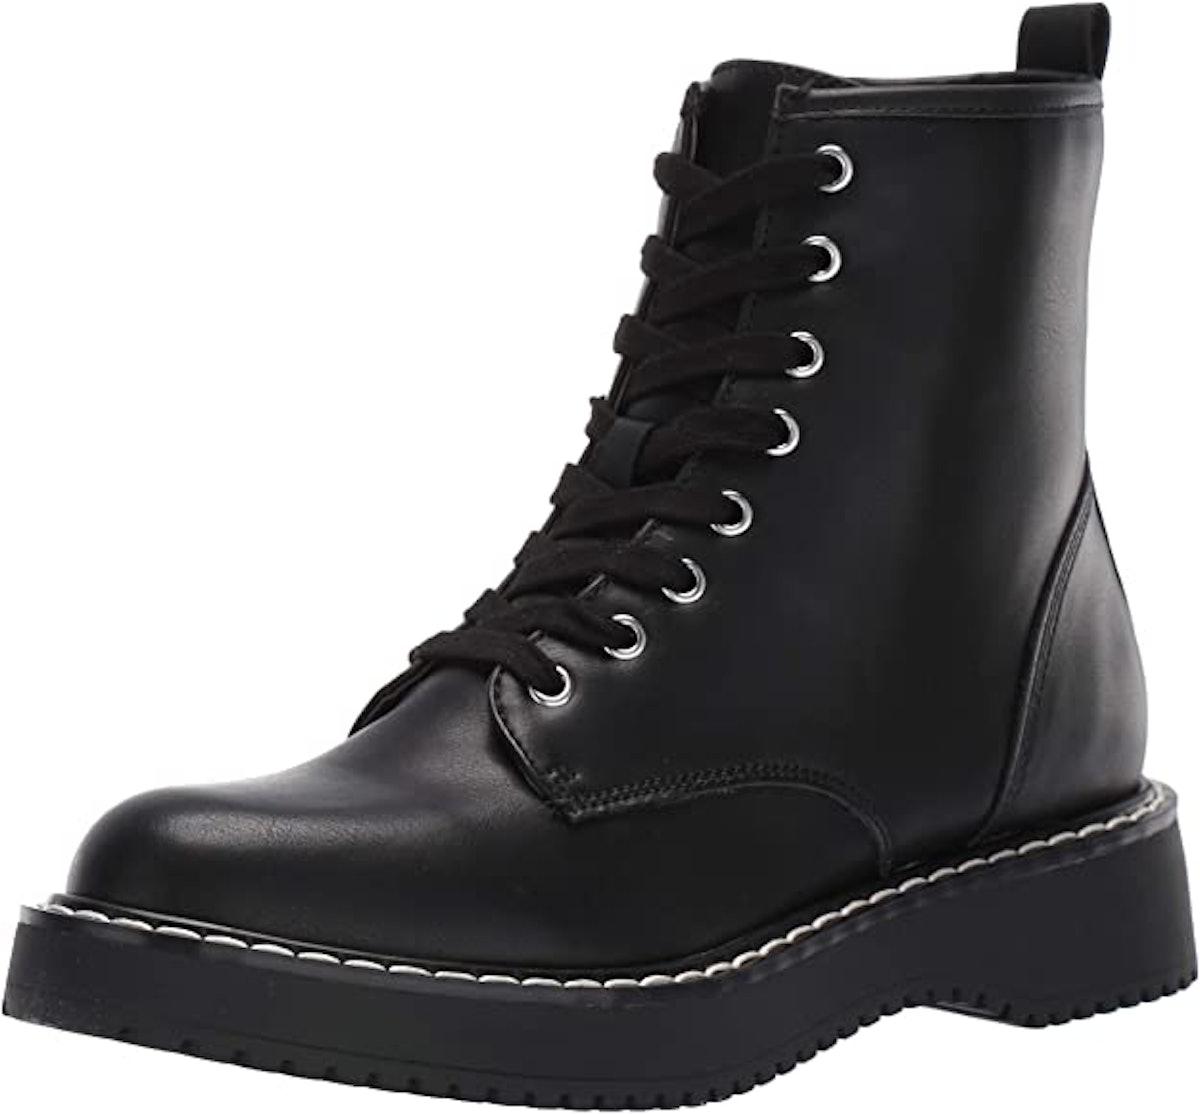 Madden Girl Kurrt Combat Boot